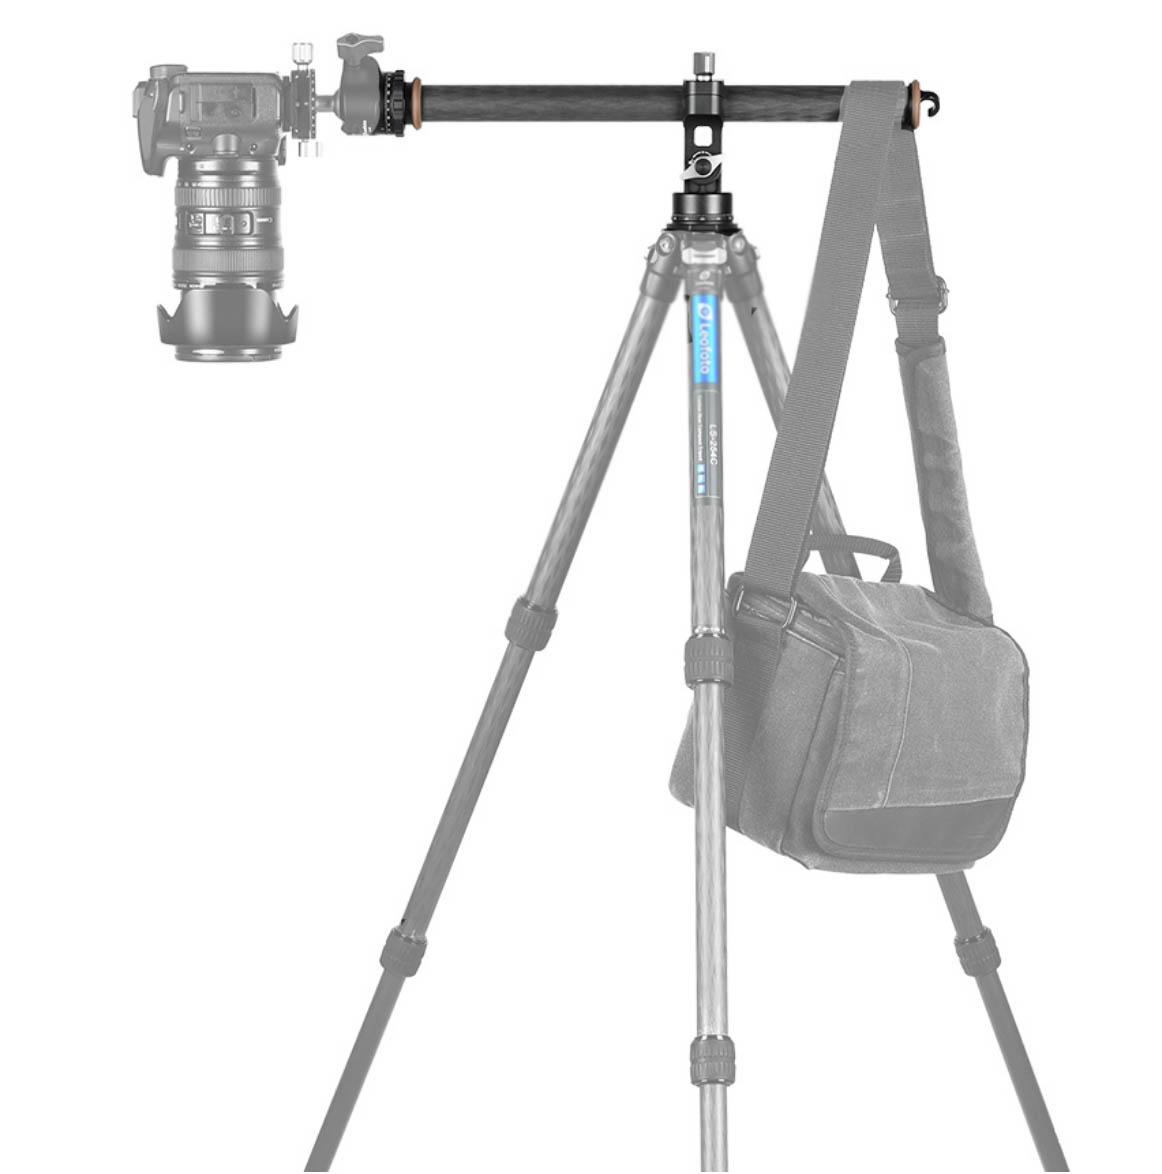 Leofoto HC-32 columna horizontal con contrapeso